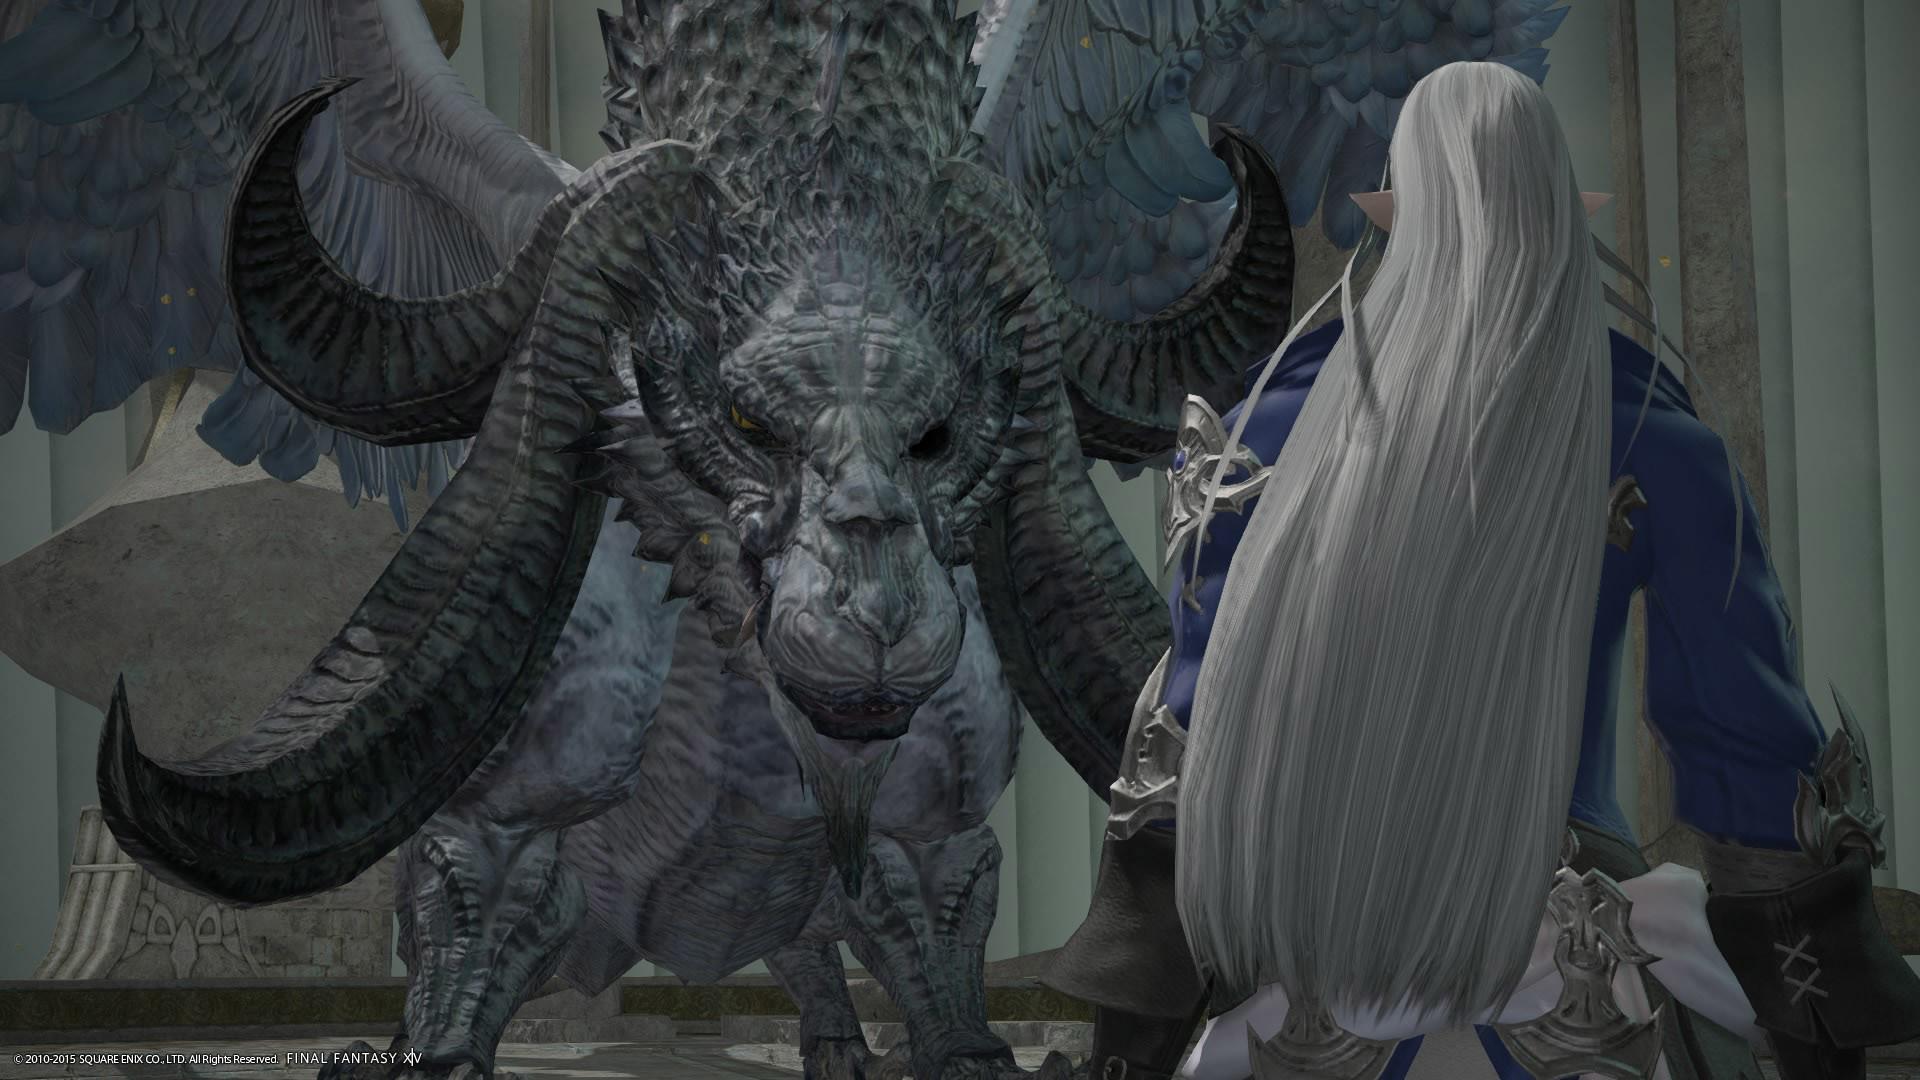 Review: Final Fantasy XIV: Heavensward